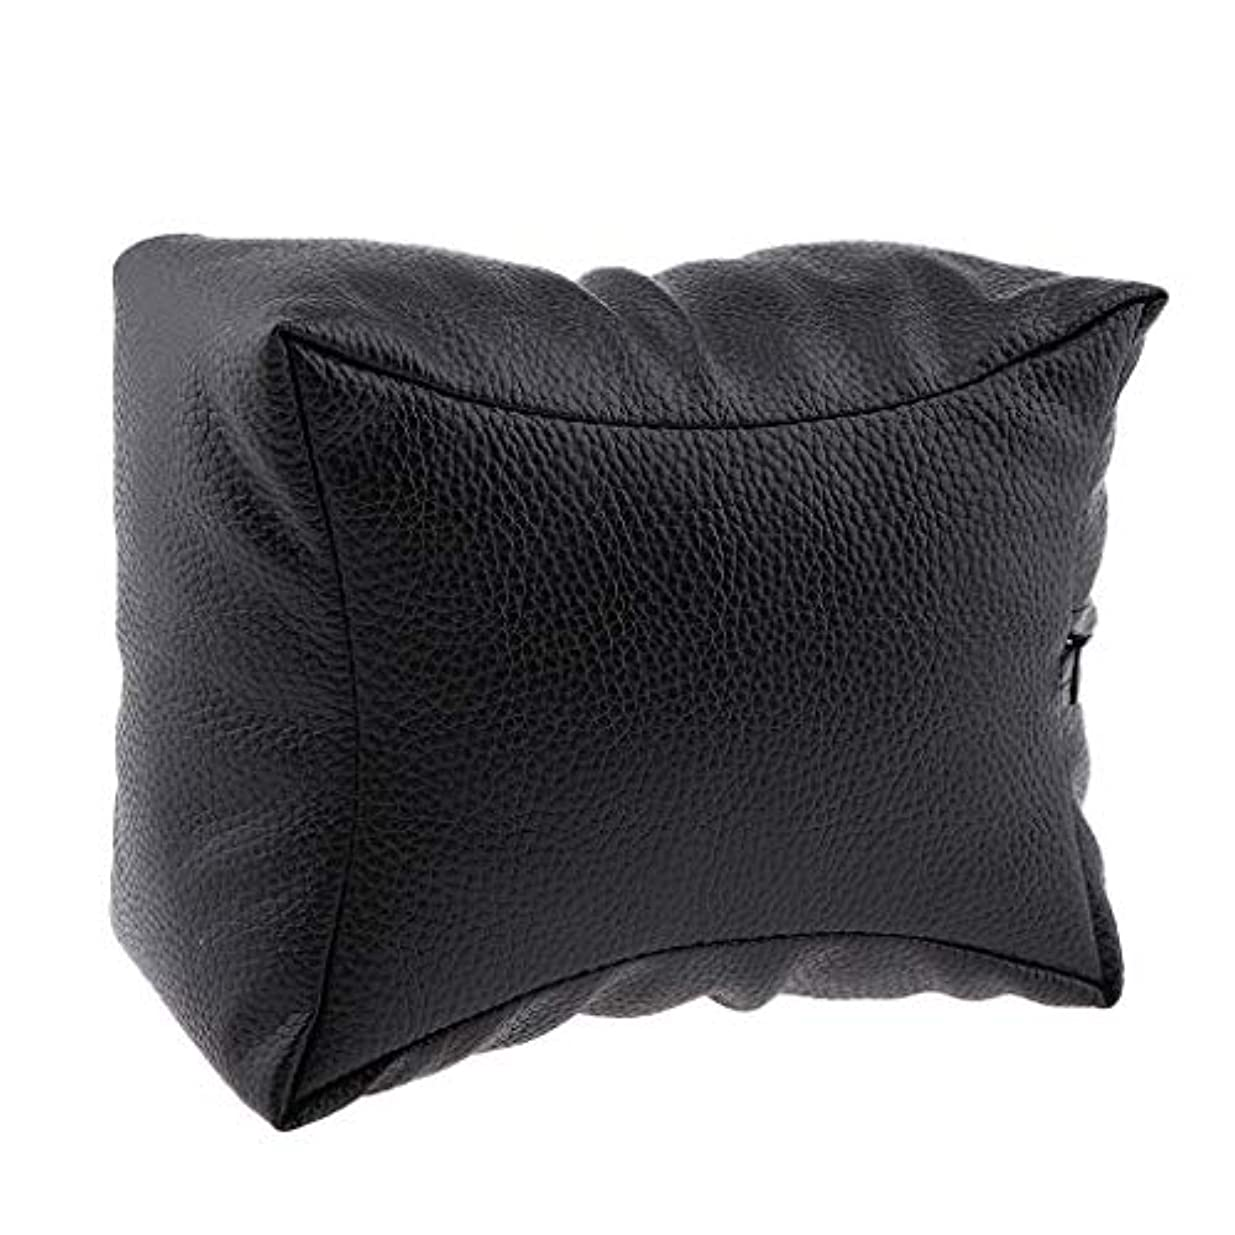 同僚聖職者夫婦ネイルアート 手枕 ハンドピロー レストピロー ハンドクッション ネイルサロン 4色選べ - ブラック